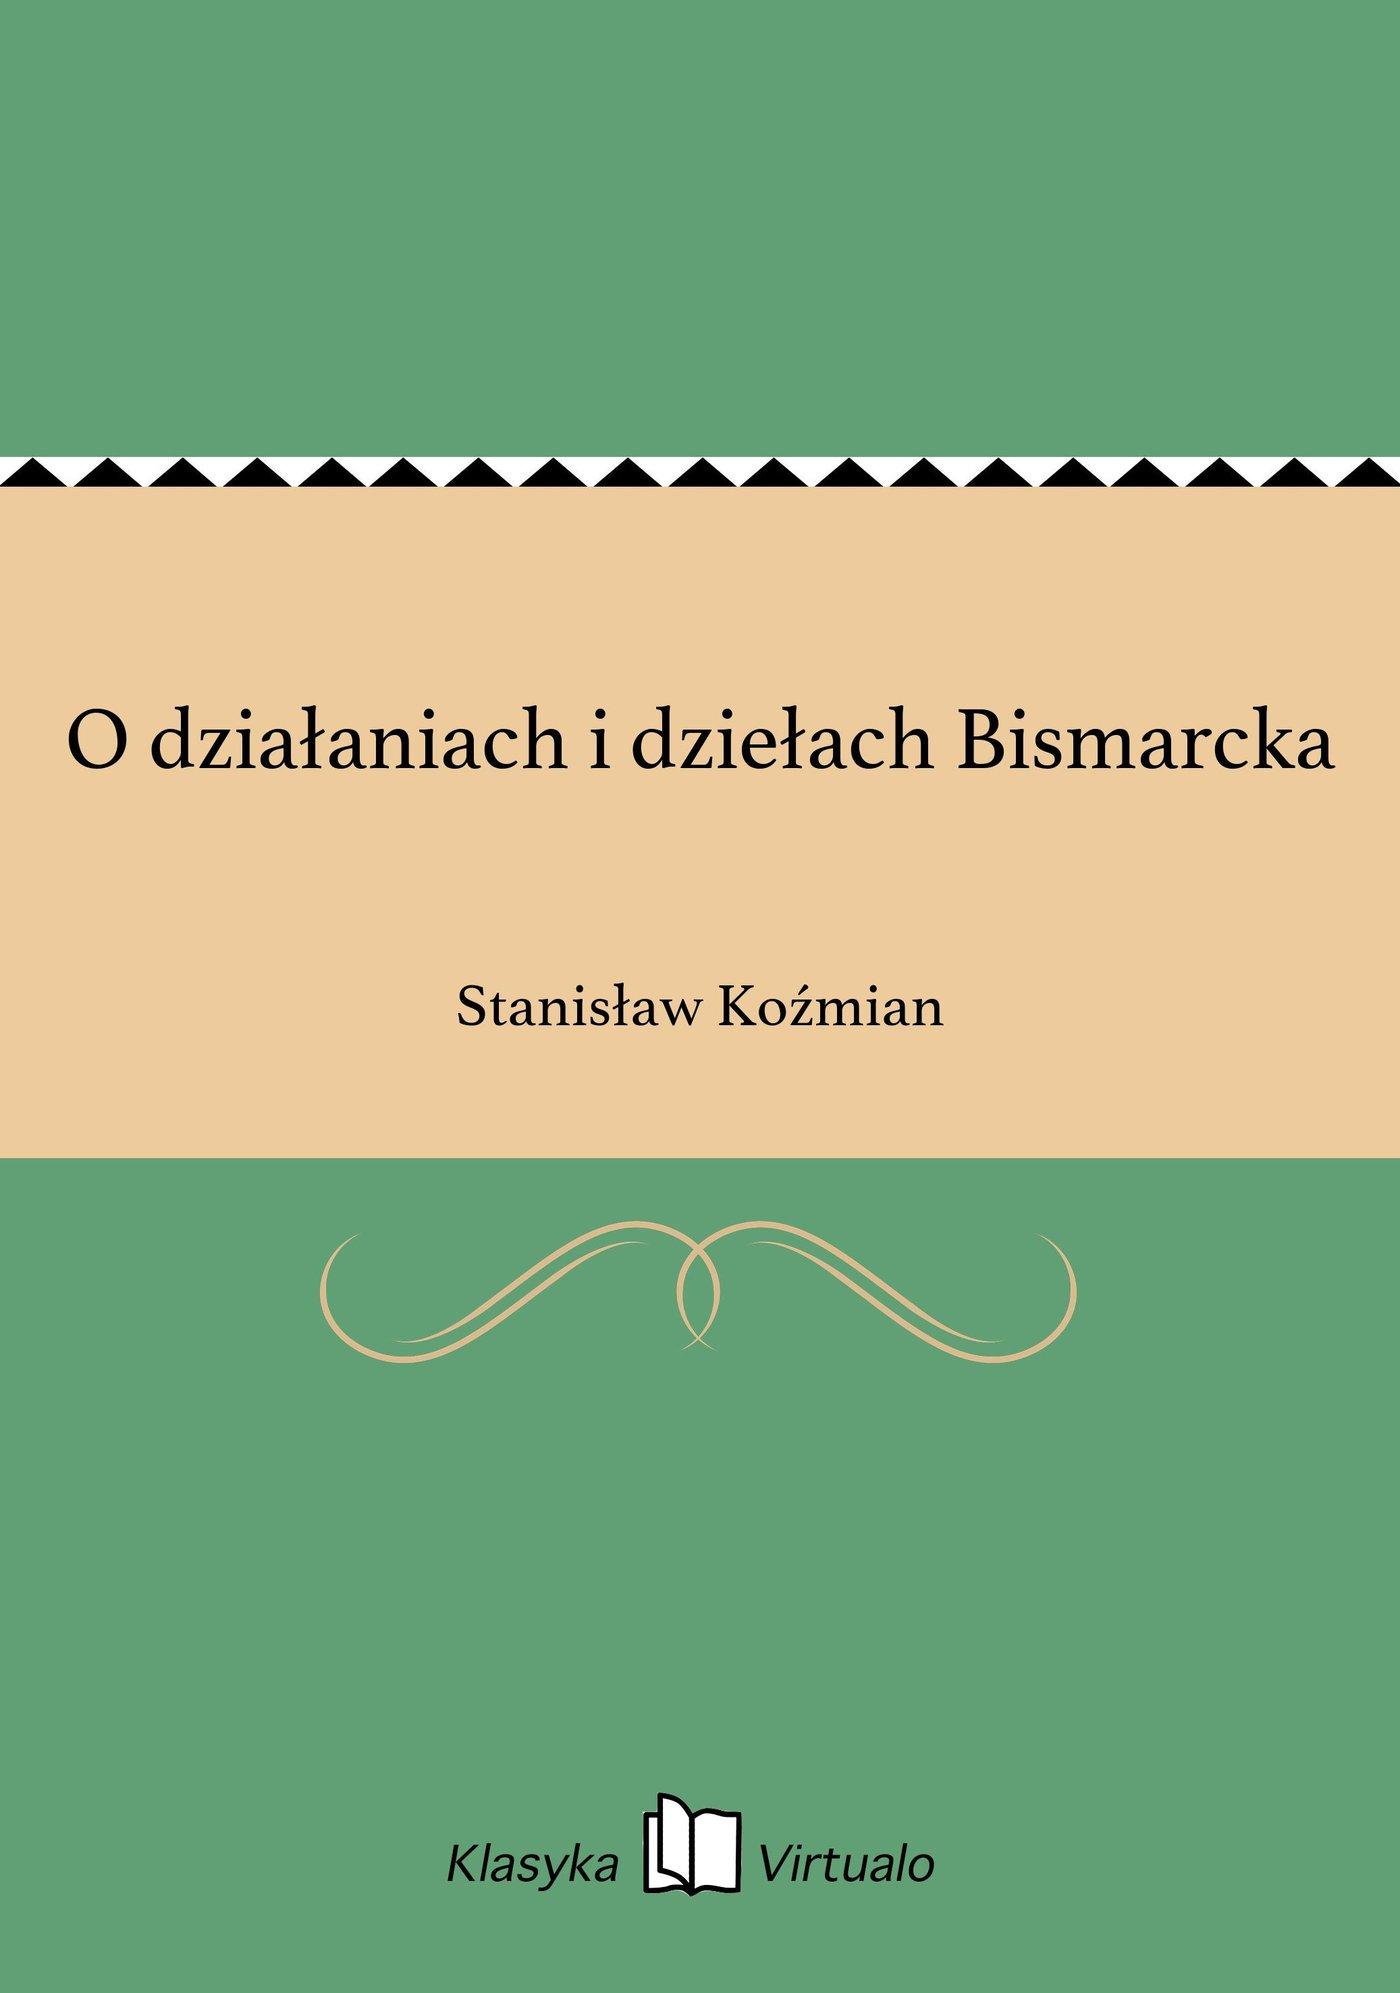 O działaniach i dziełach Bismarcka - Ebook (Książka EPUB) do pobrania w formacie EPUB